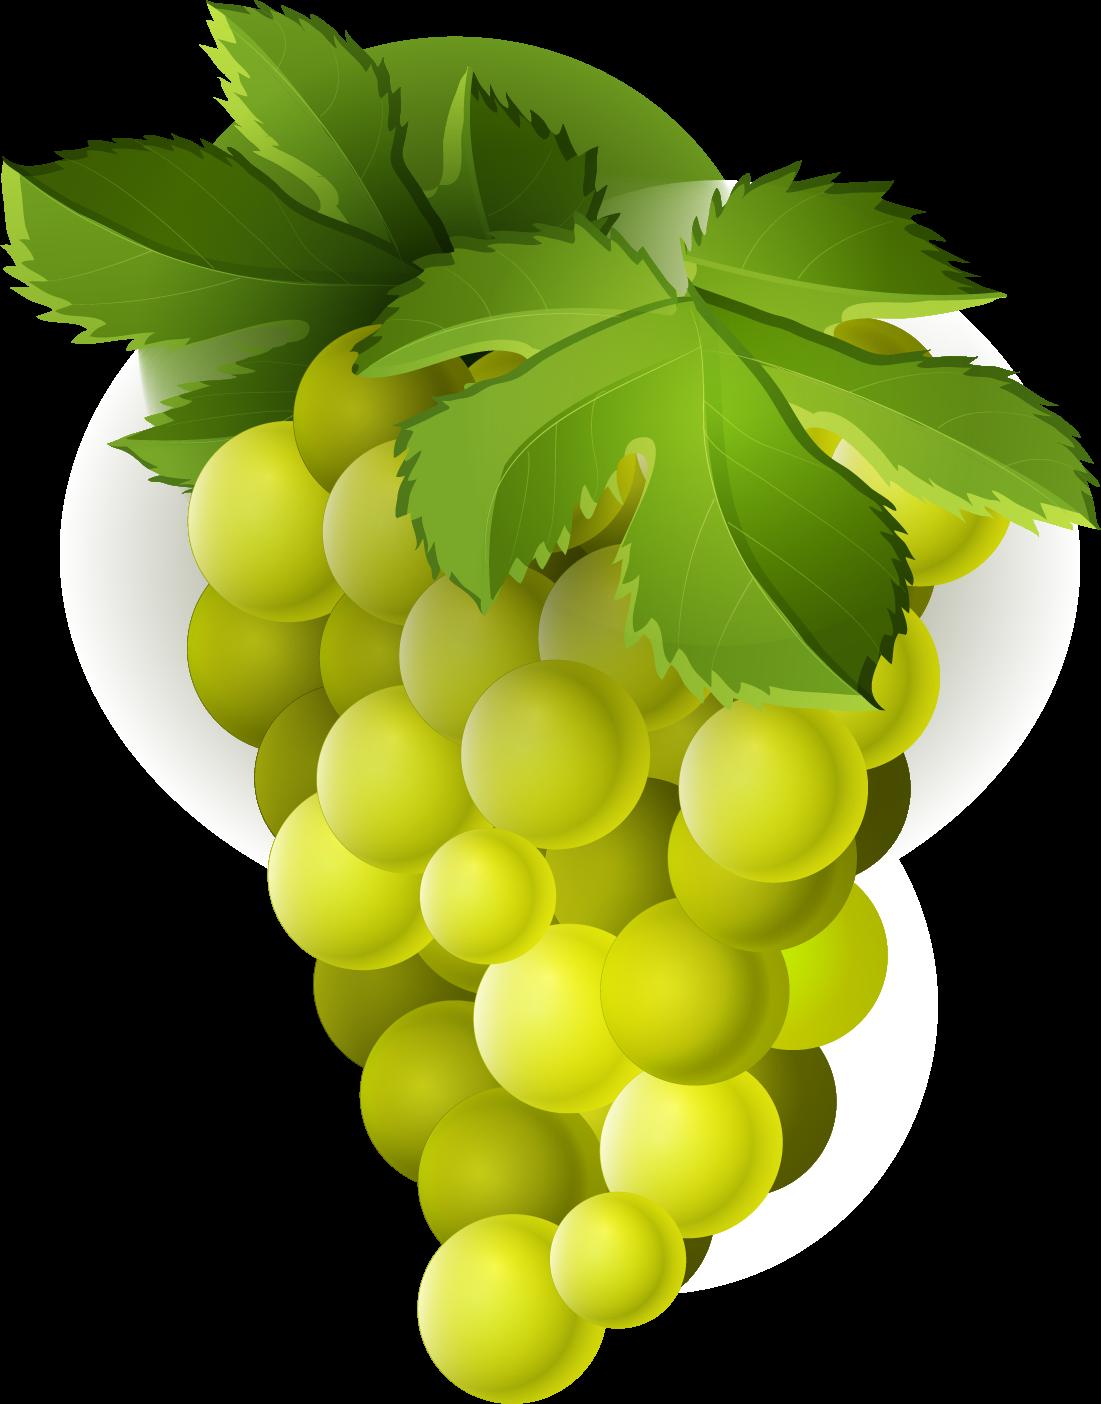 Clipart fruit grape. Png transparent free images